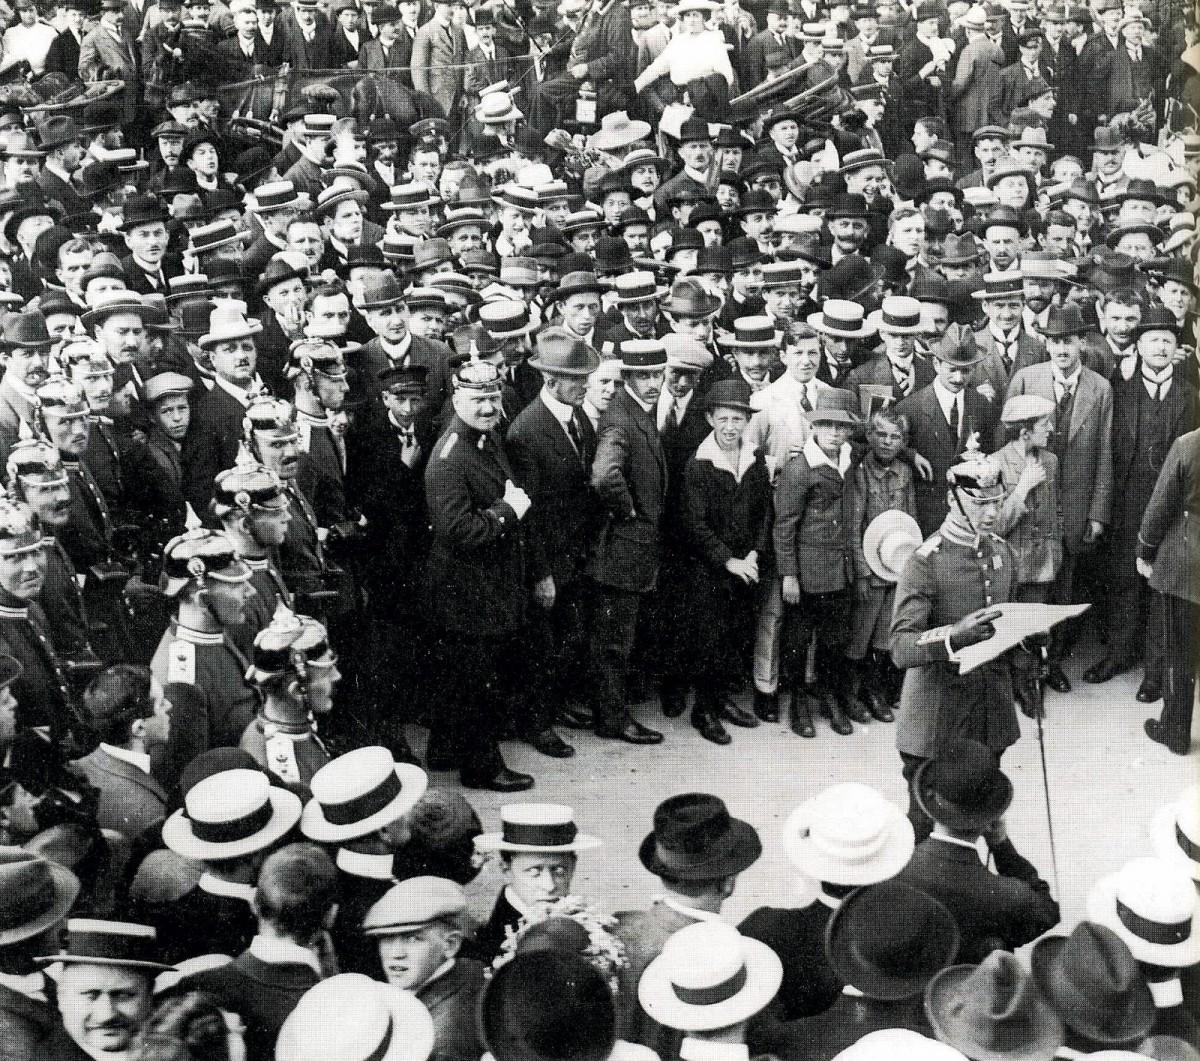 Военный митинг в Германии, 1914